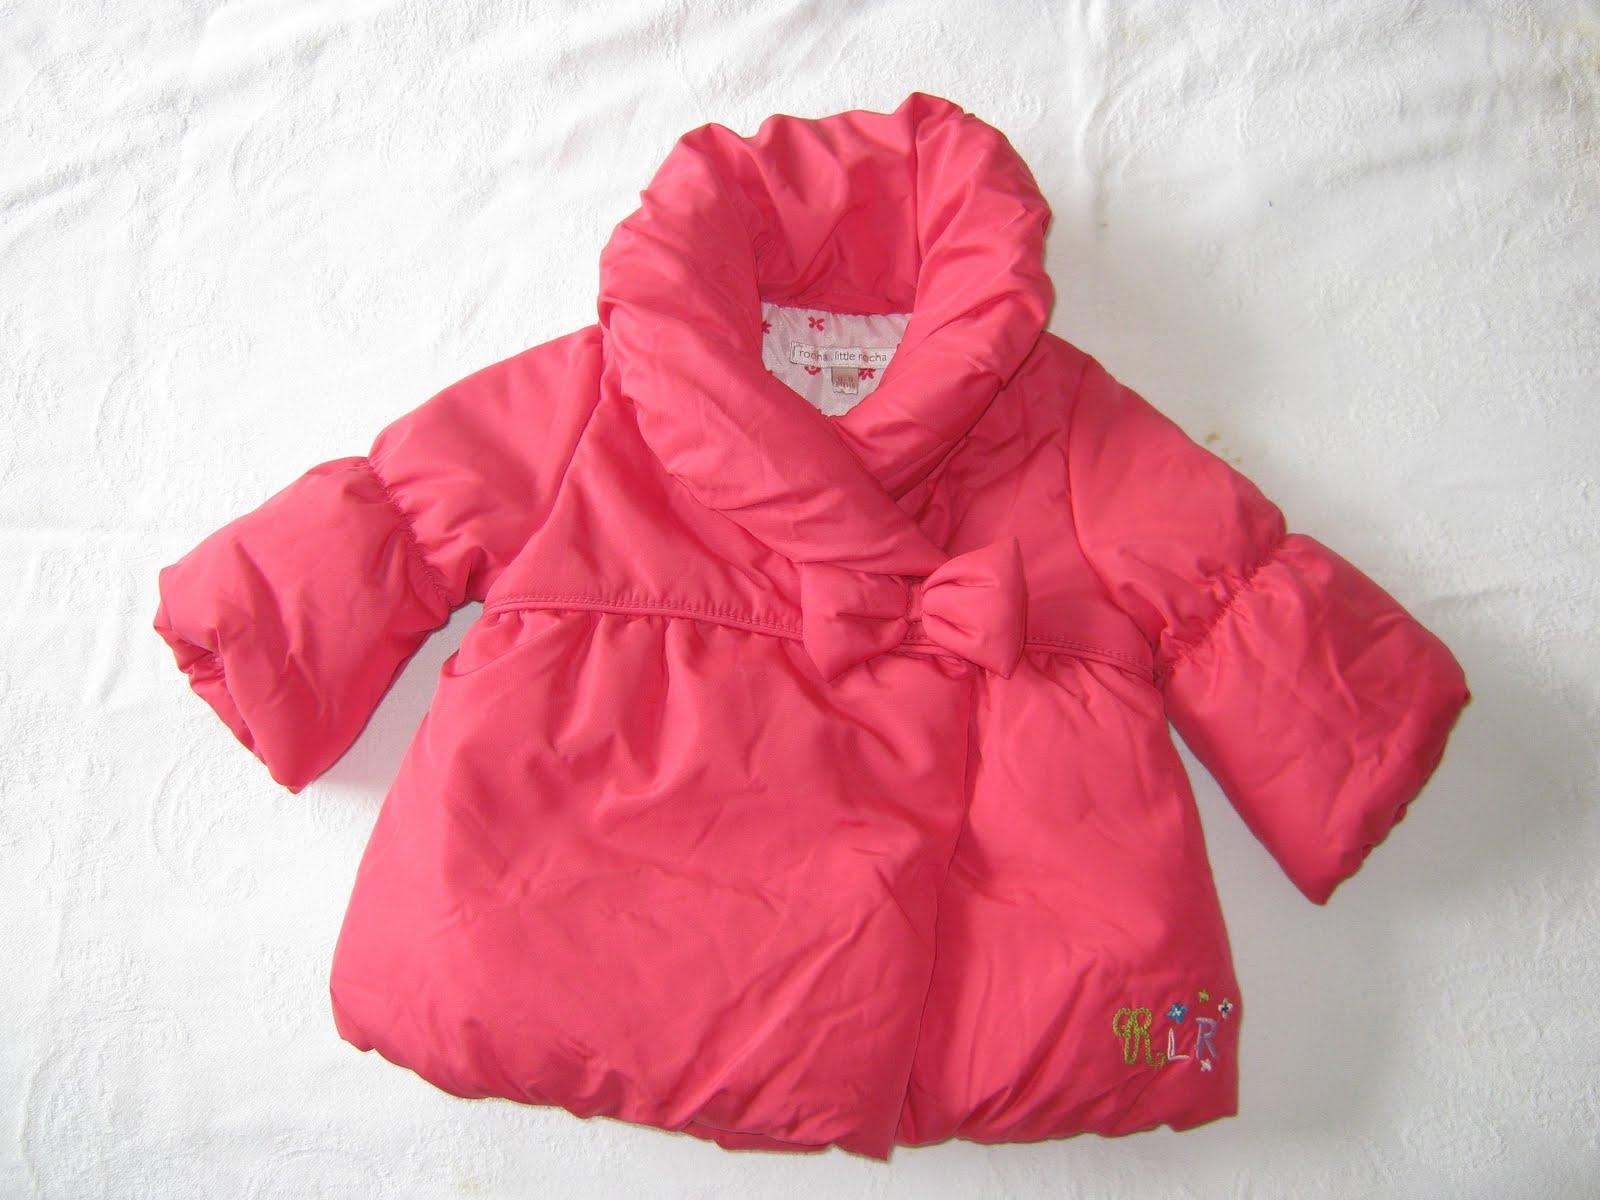 http://2.bp.blogspot.com/-mNJ-41YBSCc/TeUofu3NlqI/AAAAAAAAAEQ/RTMqBjNF_o0/s1600/parka+pink+1.jpg